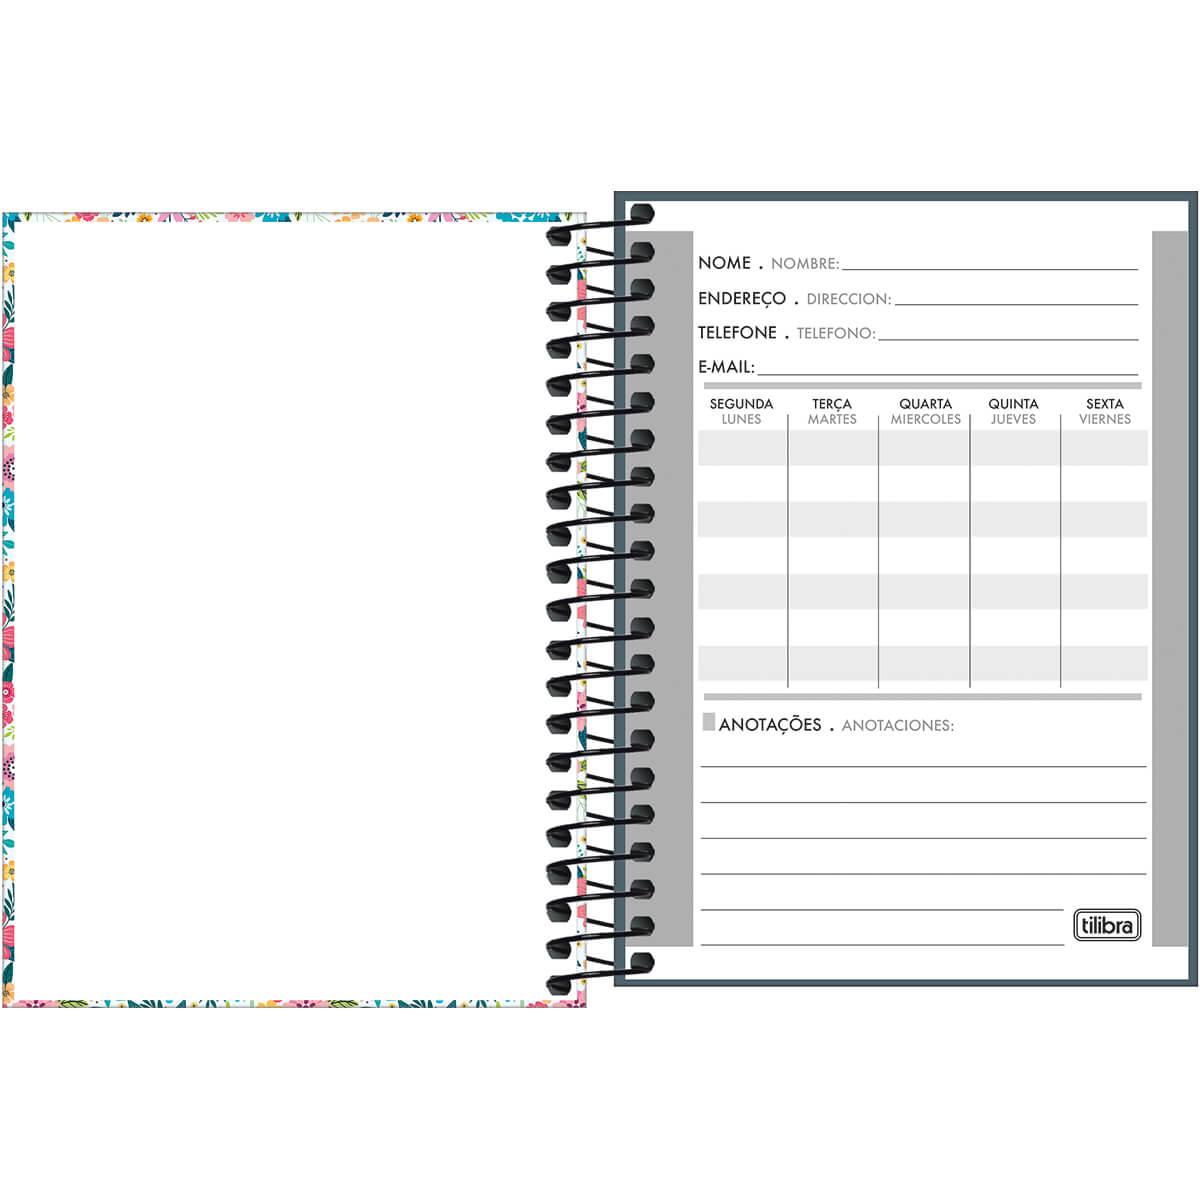 Caderno universitário 20 matérias 400 fls D+ MASCULINO Tilibra